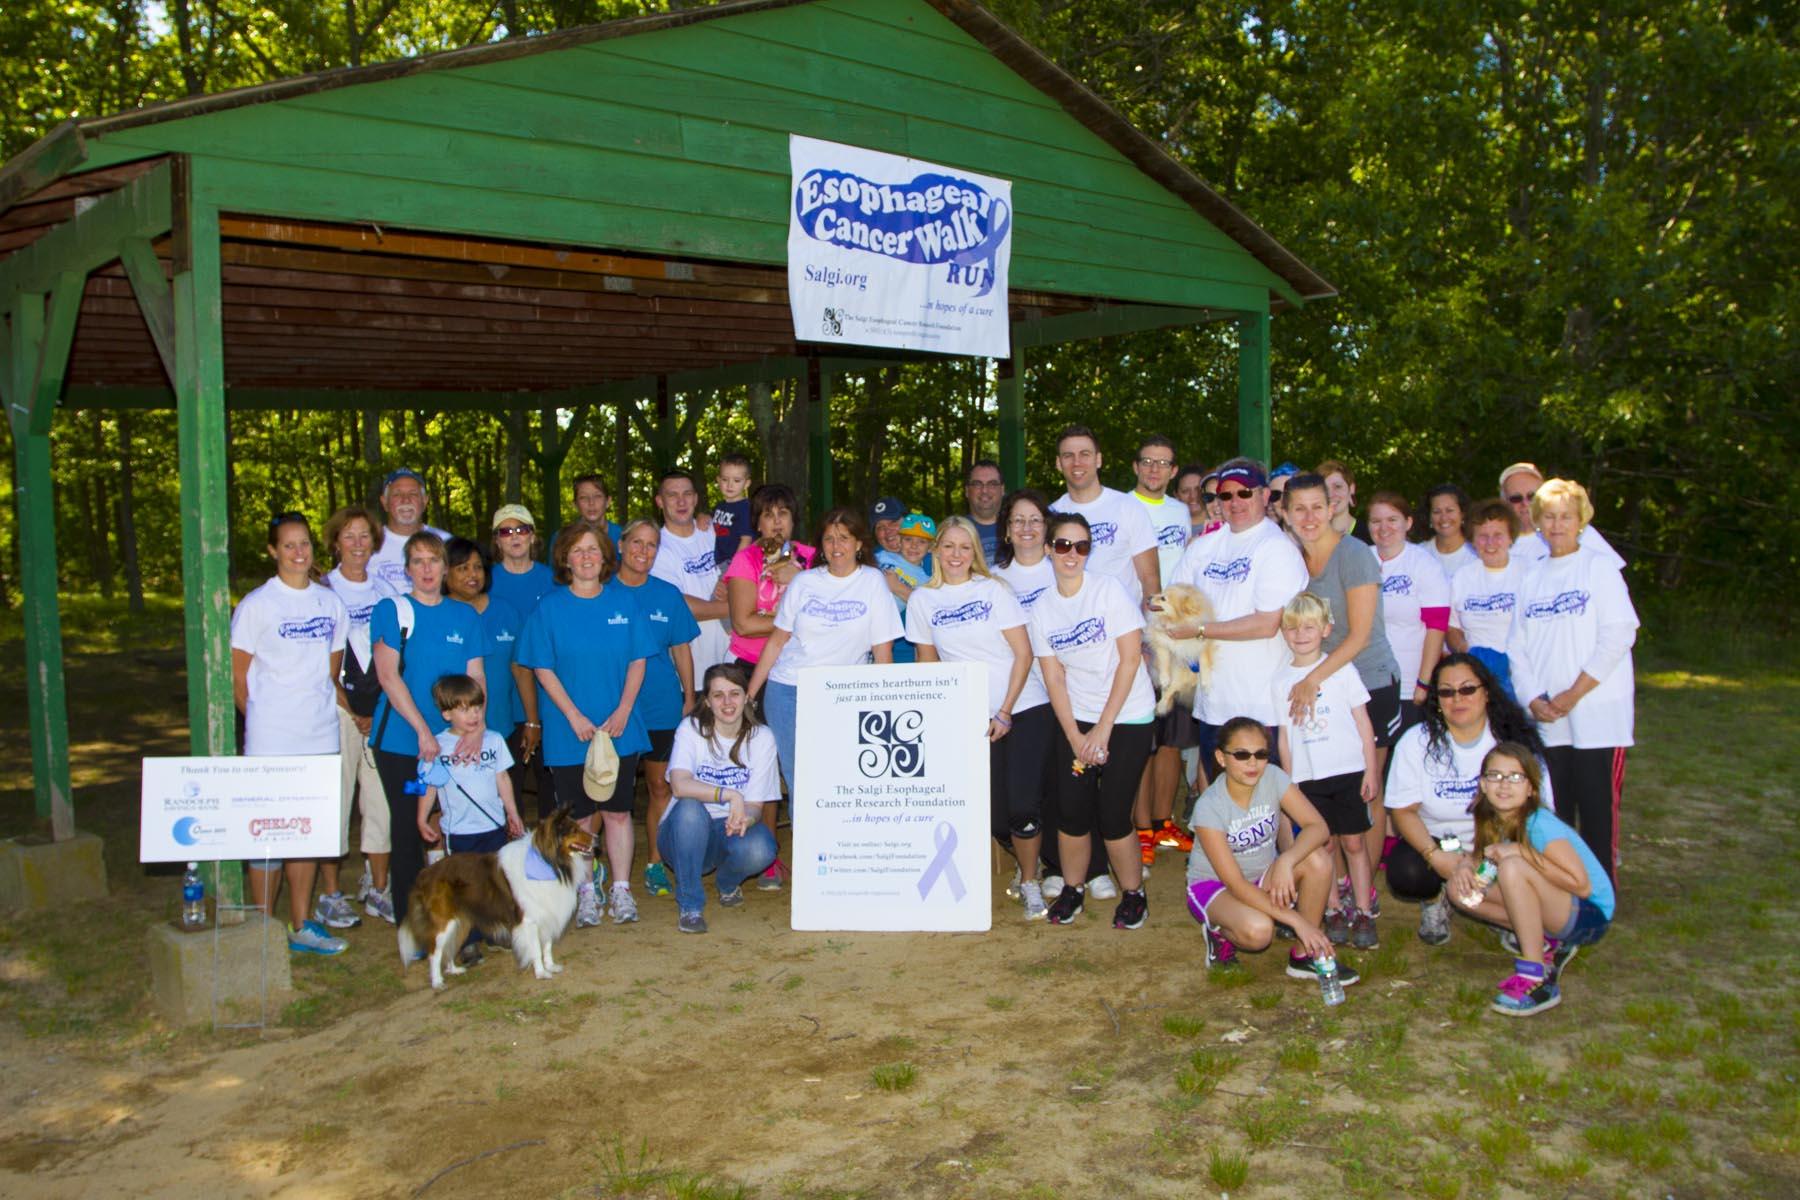 2nd Annual Esophageal Cancer Walk/Run